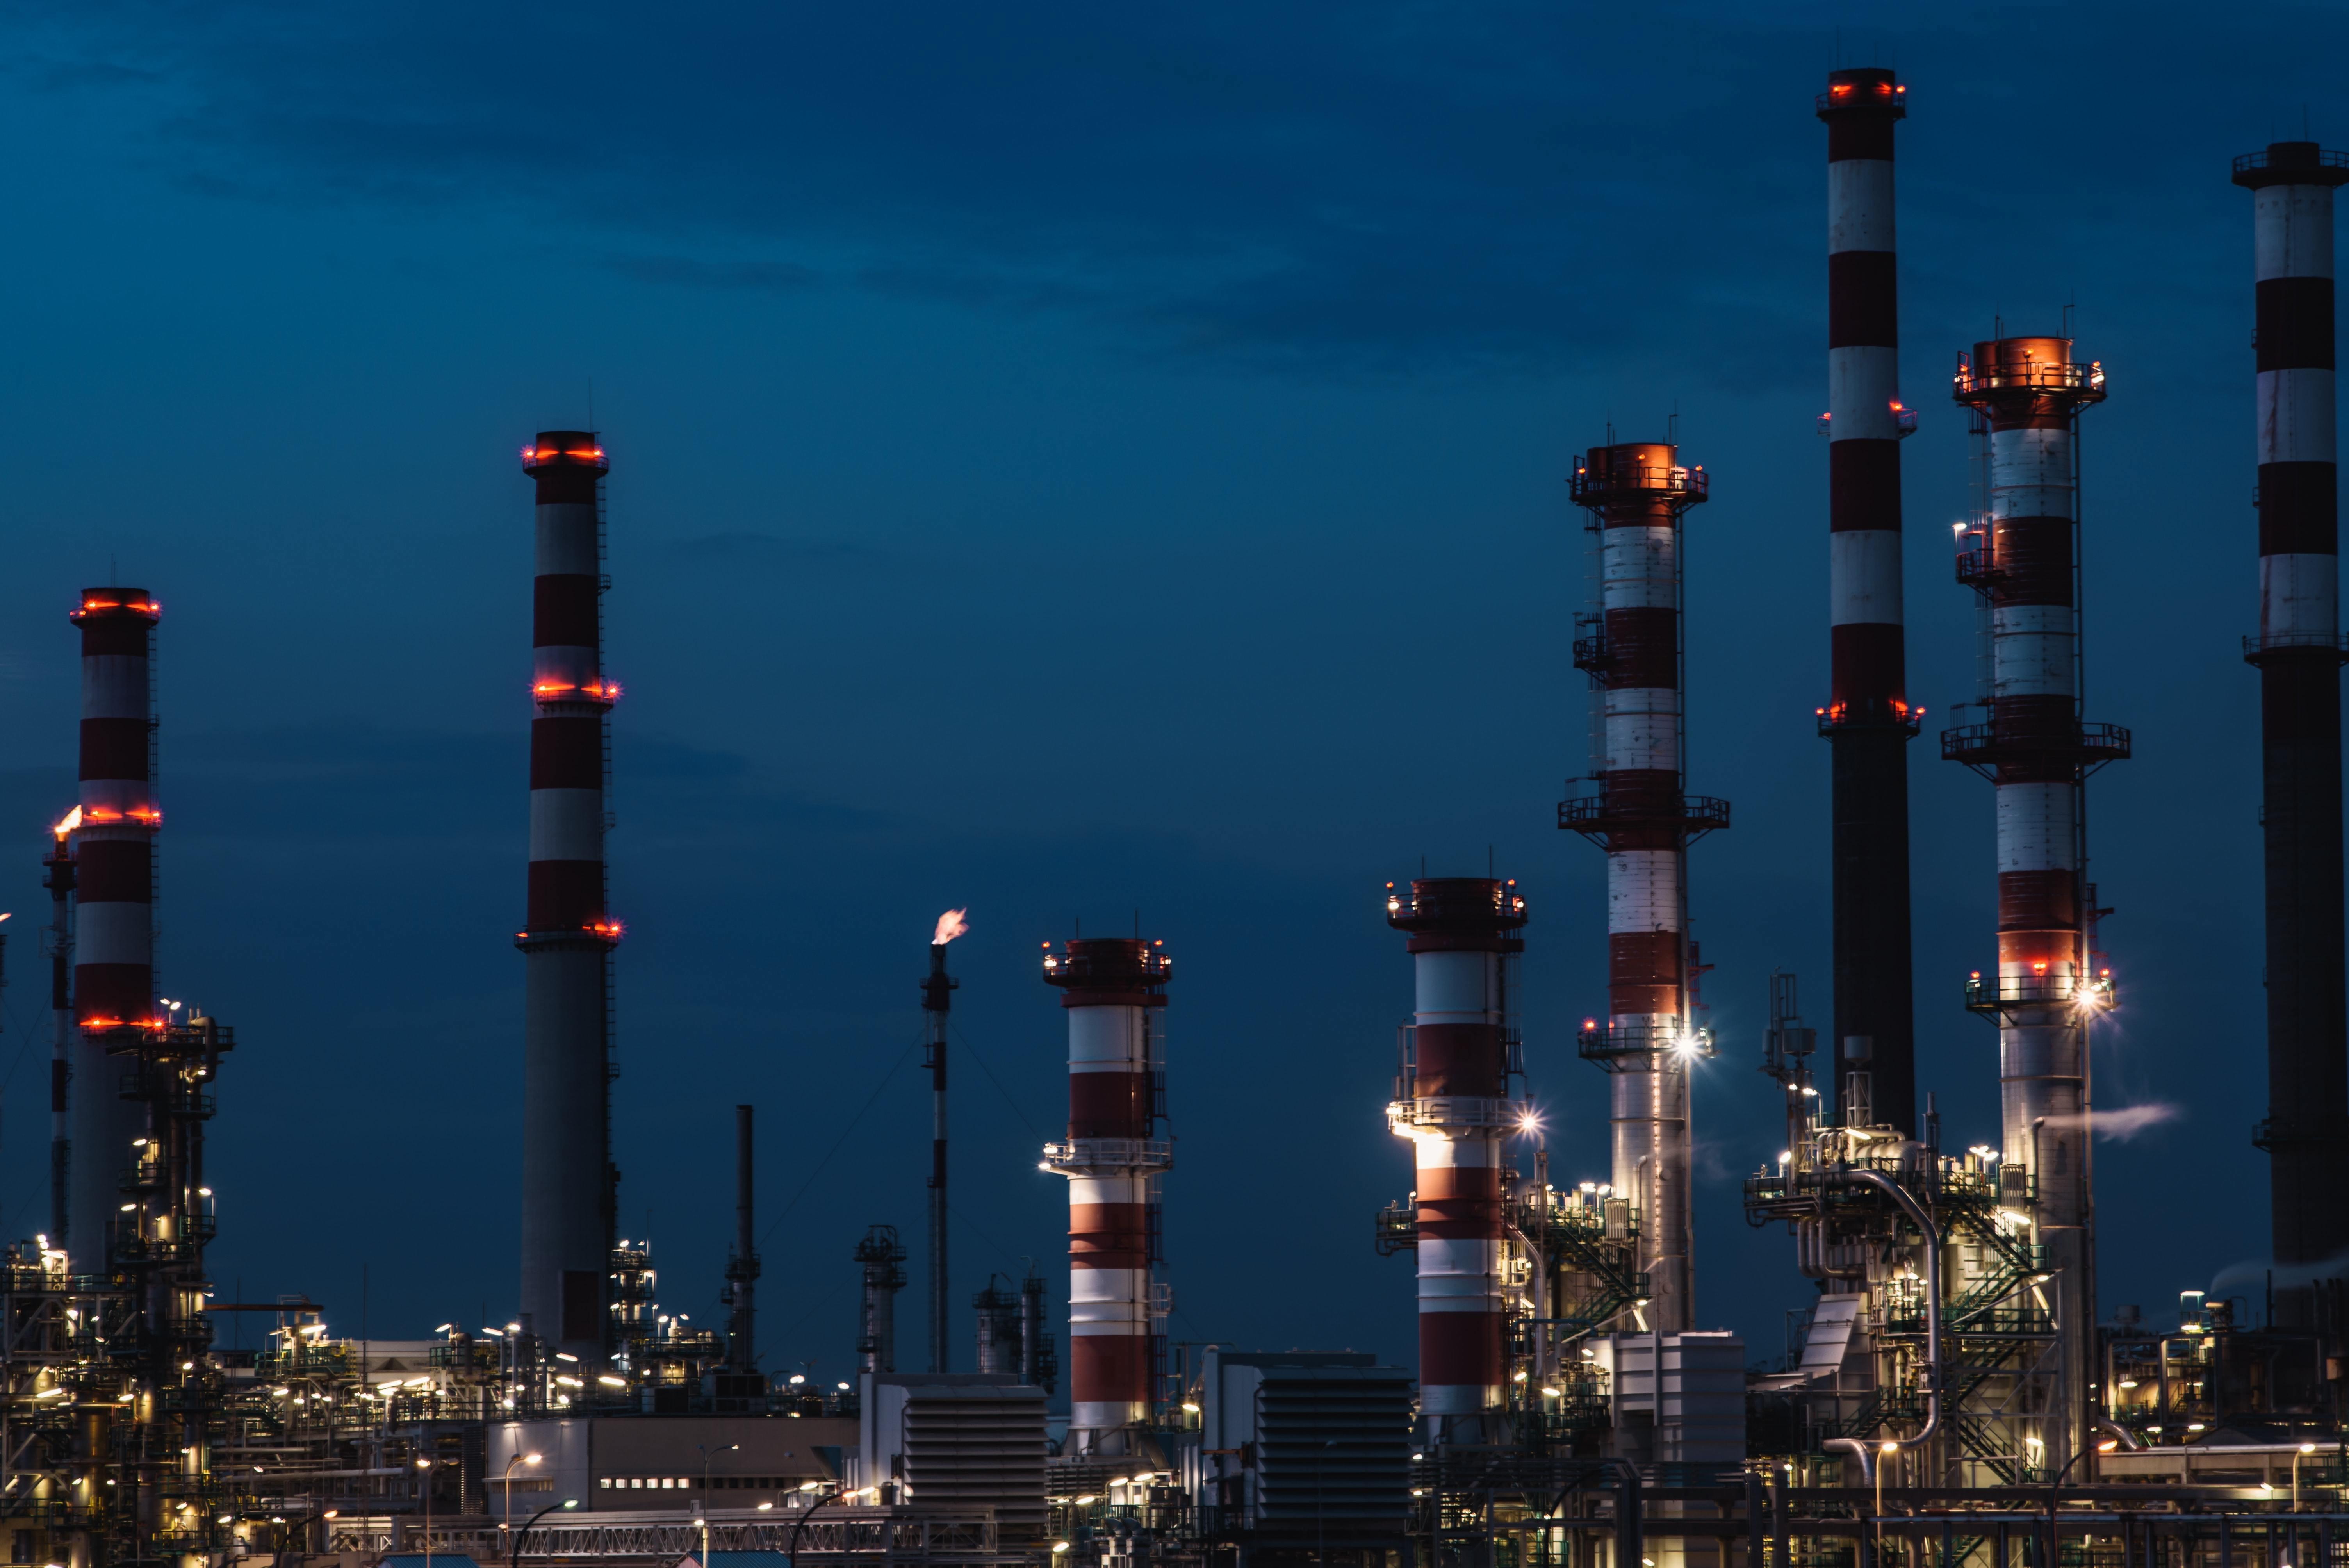 Oil refinery in Portugal.